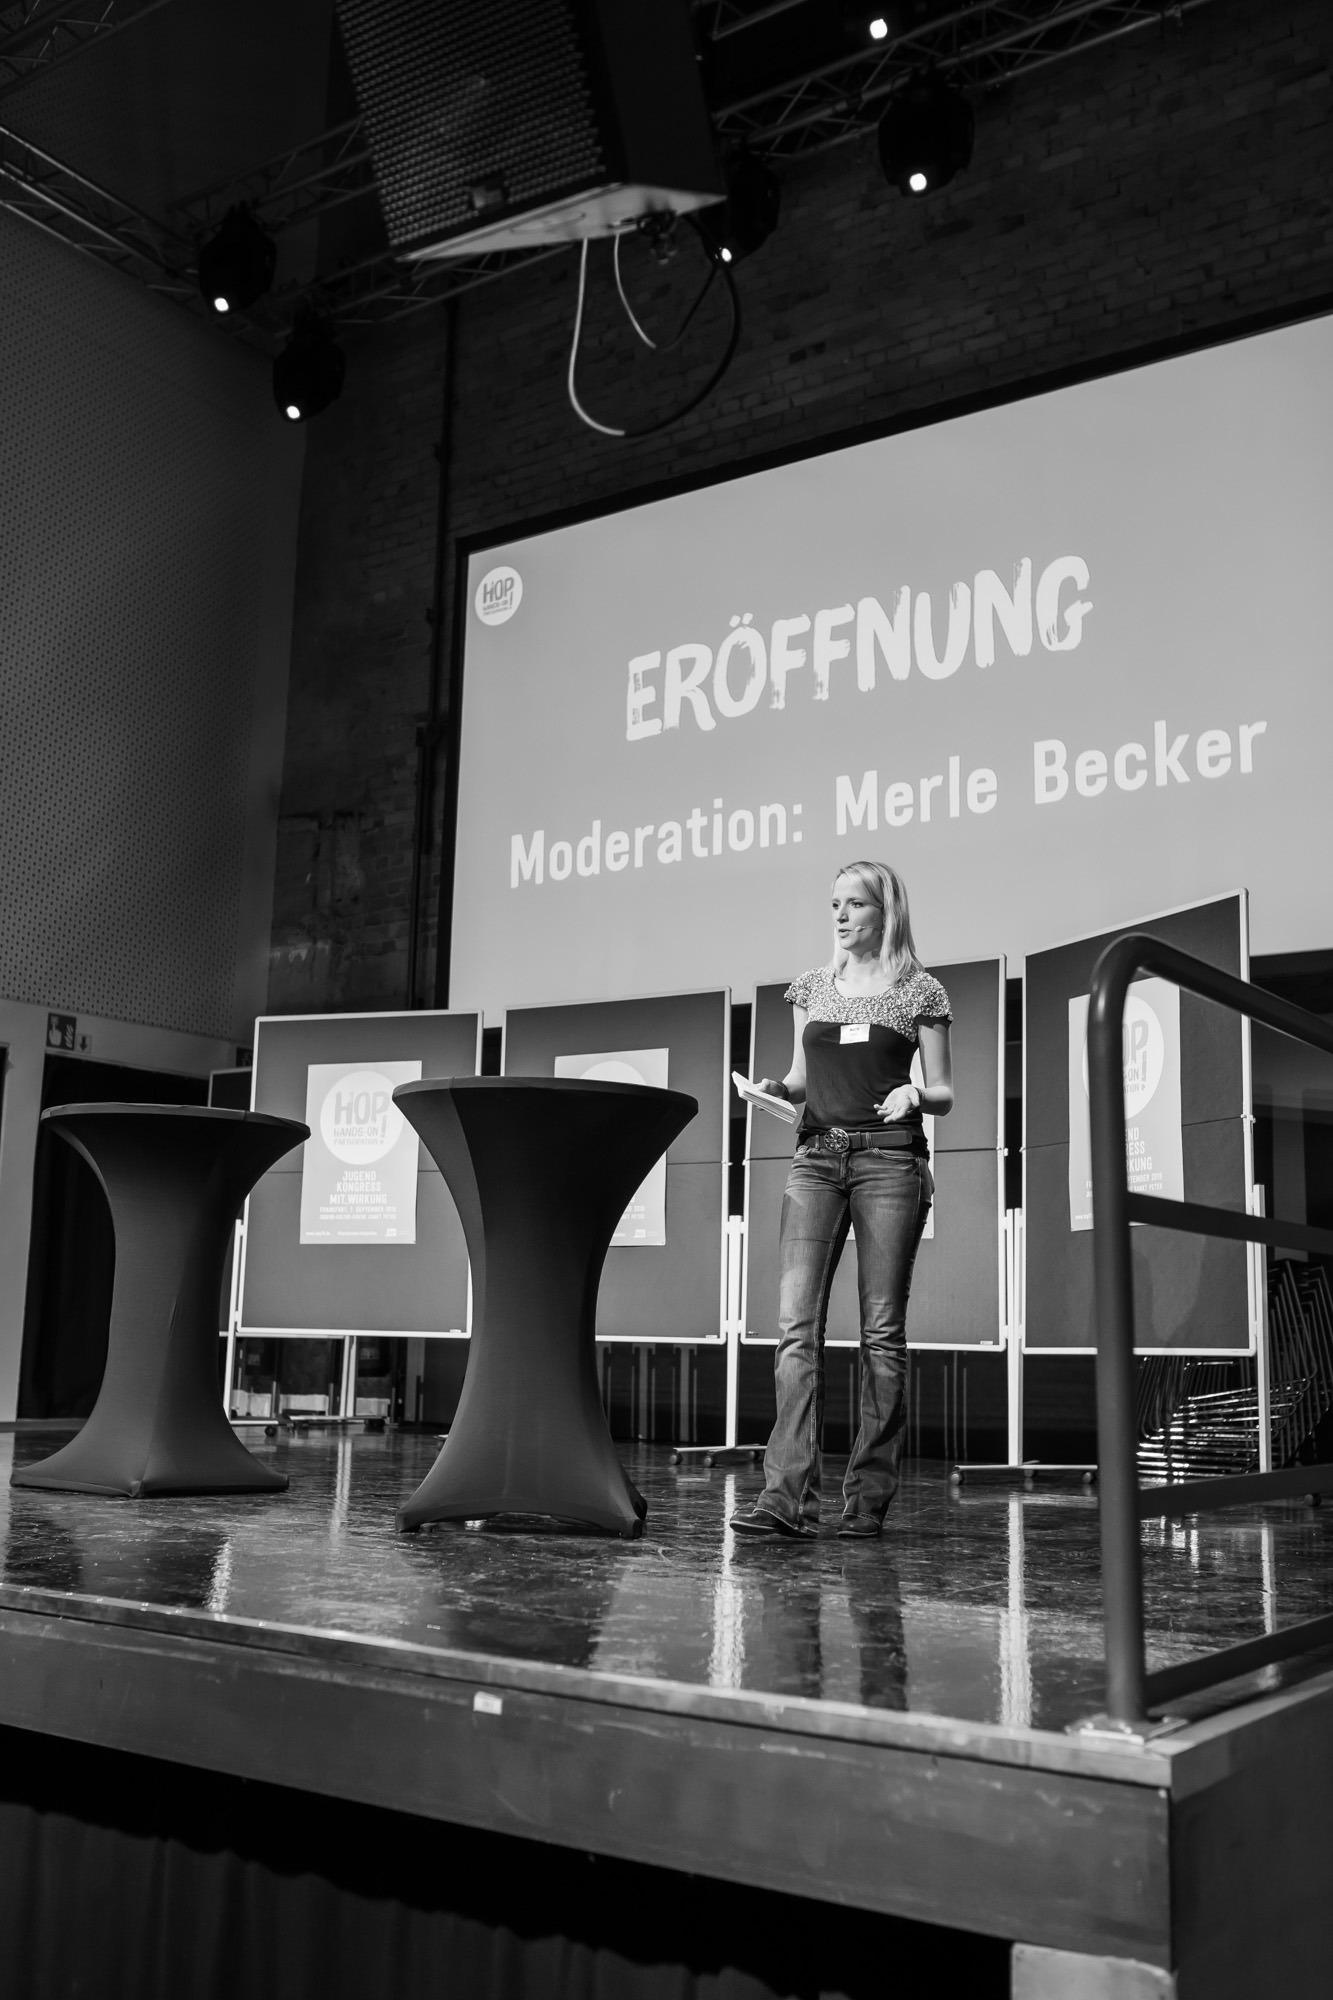 Moderatorin Merle Becker HOP Jugendkongress Bildung Wertschatz Kommunikation